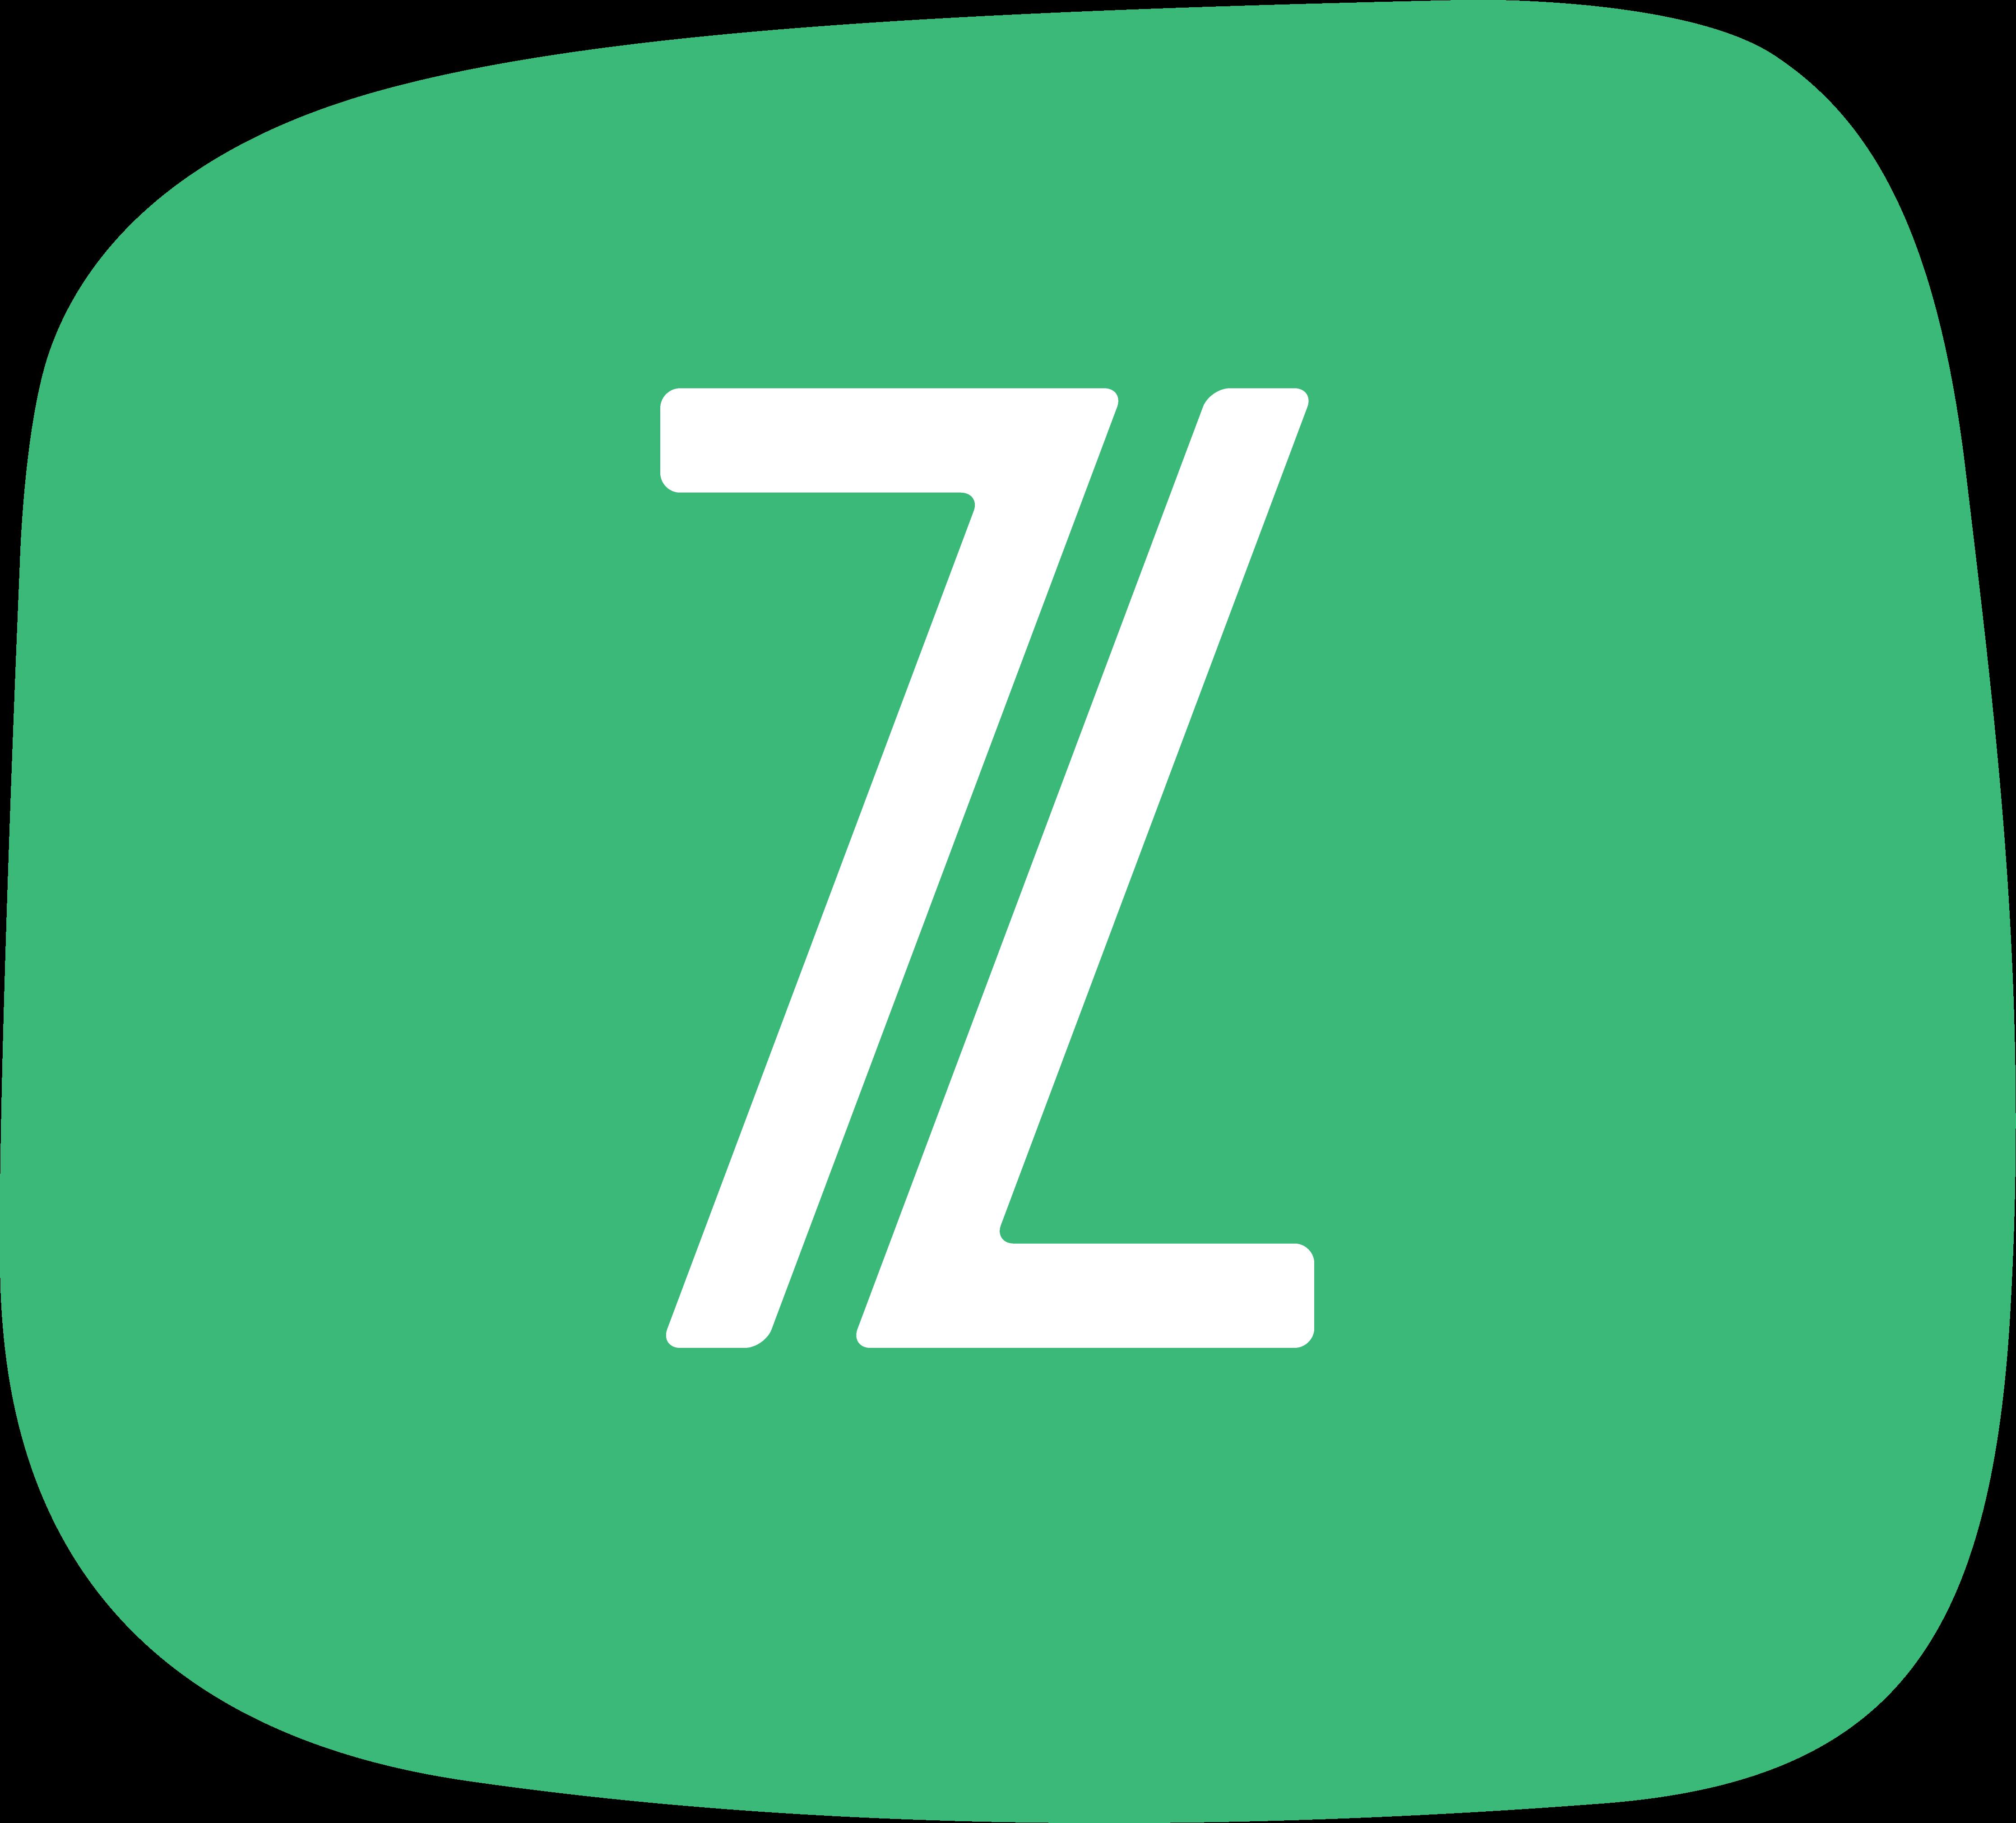 logo zuzu new